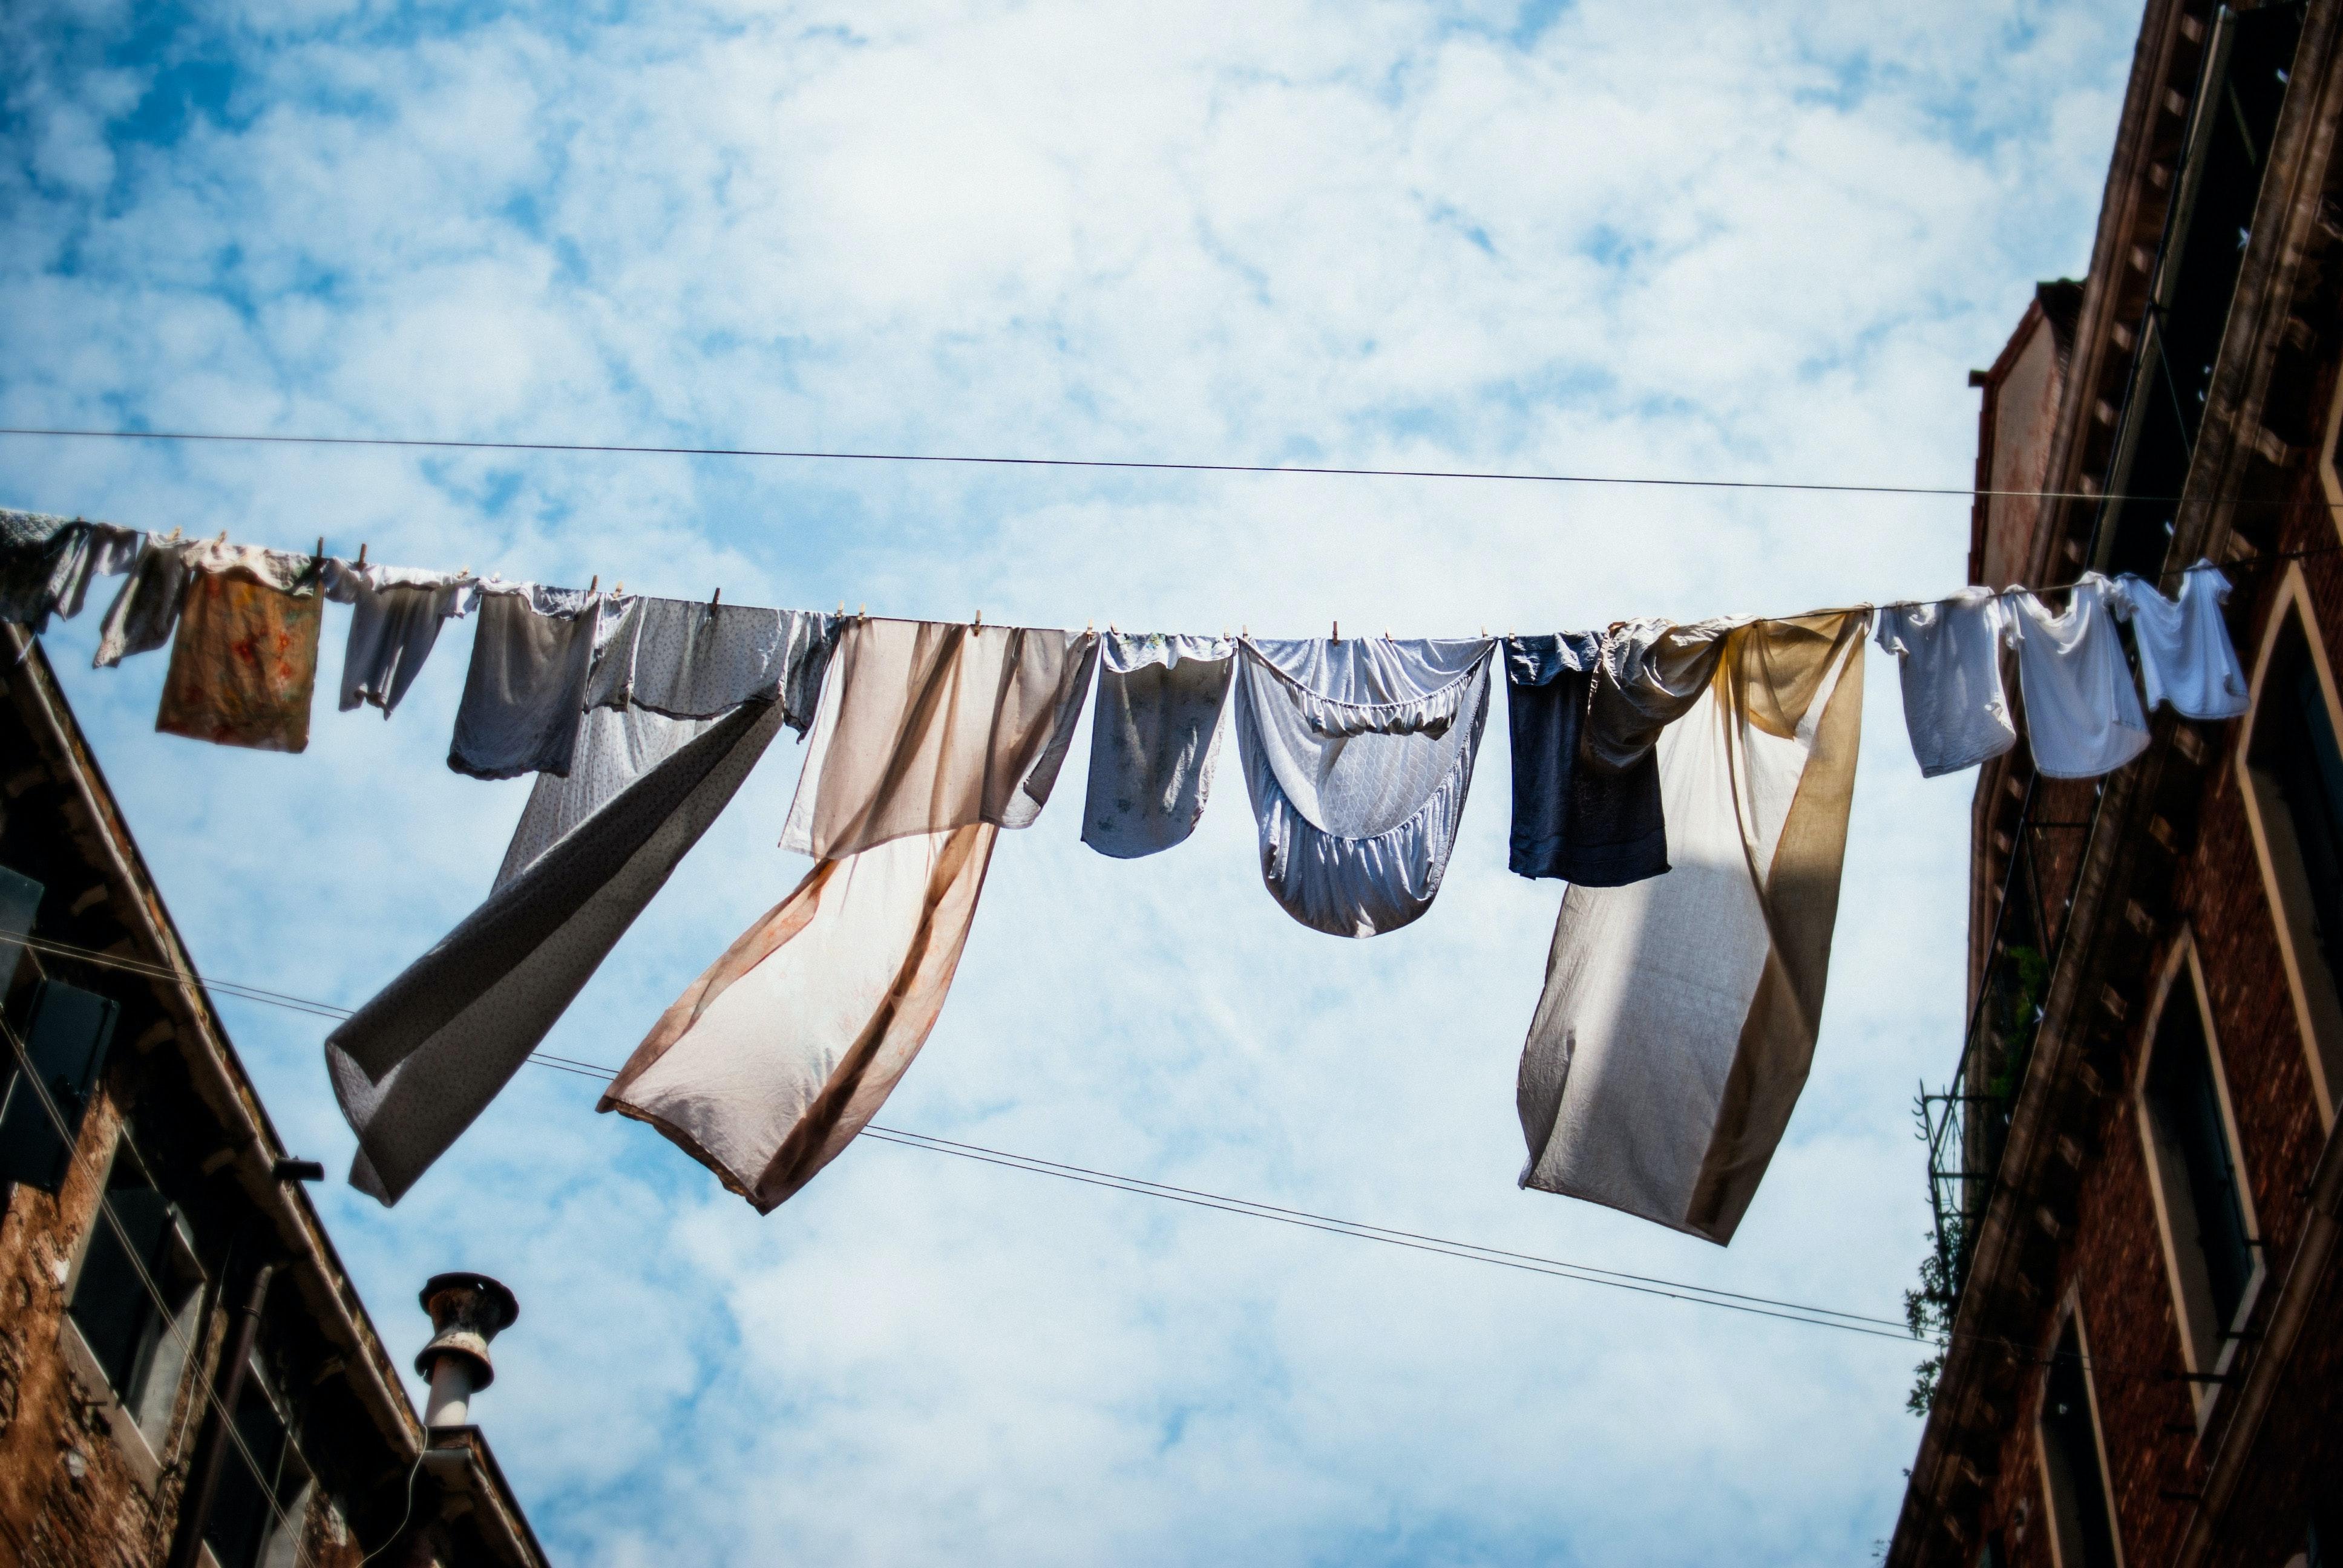 Em saídas breves, não há necessidade de lavar as roupas. Foto: Erick Witsoe/Unsplash.